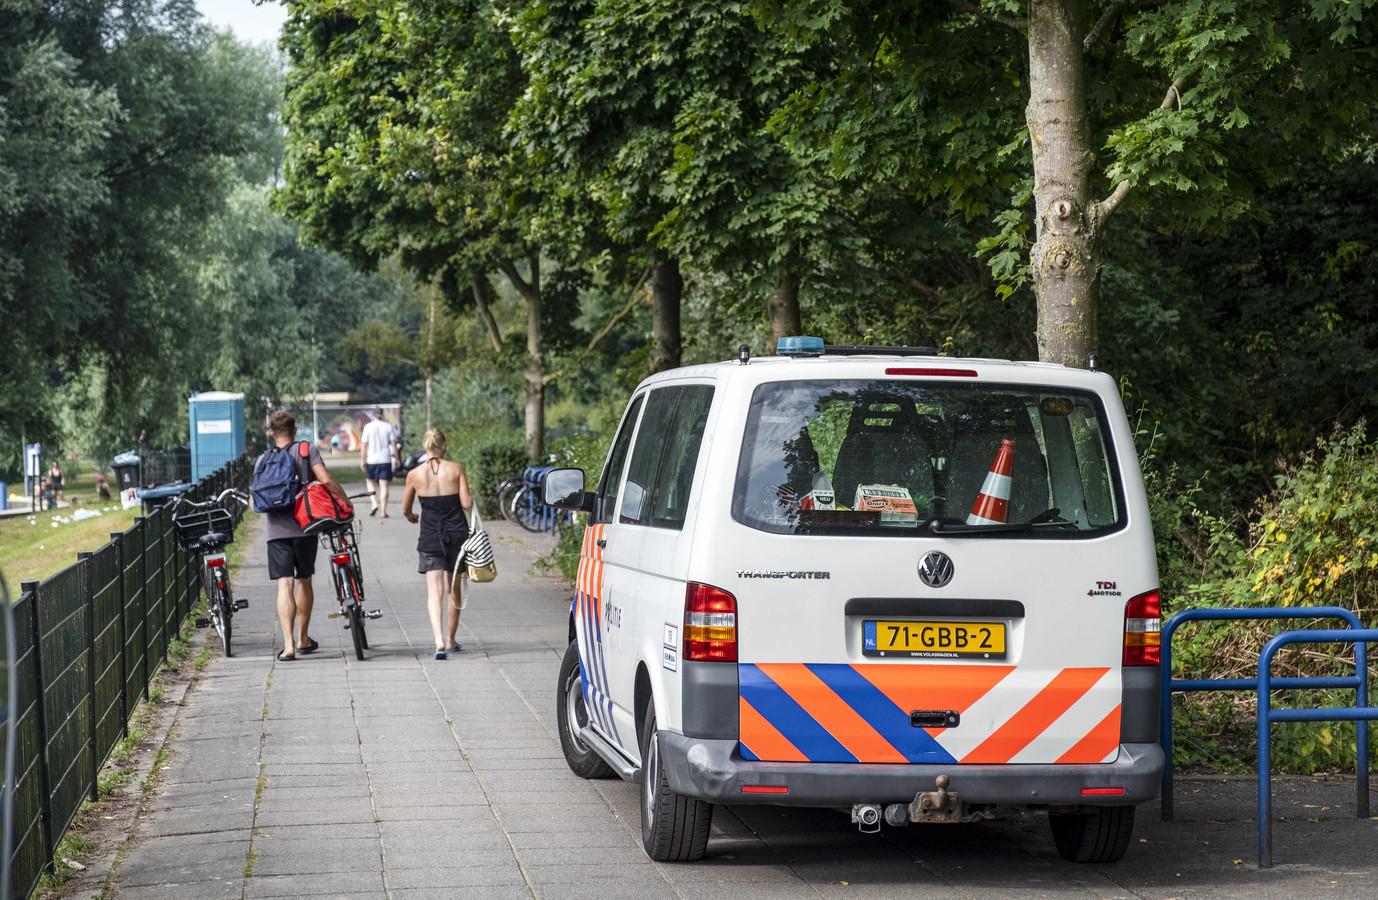 Een politiebusje aan het Nieuwe Meer in natuurgebied De Oeverlanden, waar een dag eerder een schietpartij heeft plaatsgevonden die een 24-jarige man het leven kostte.